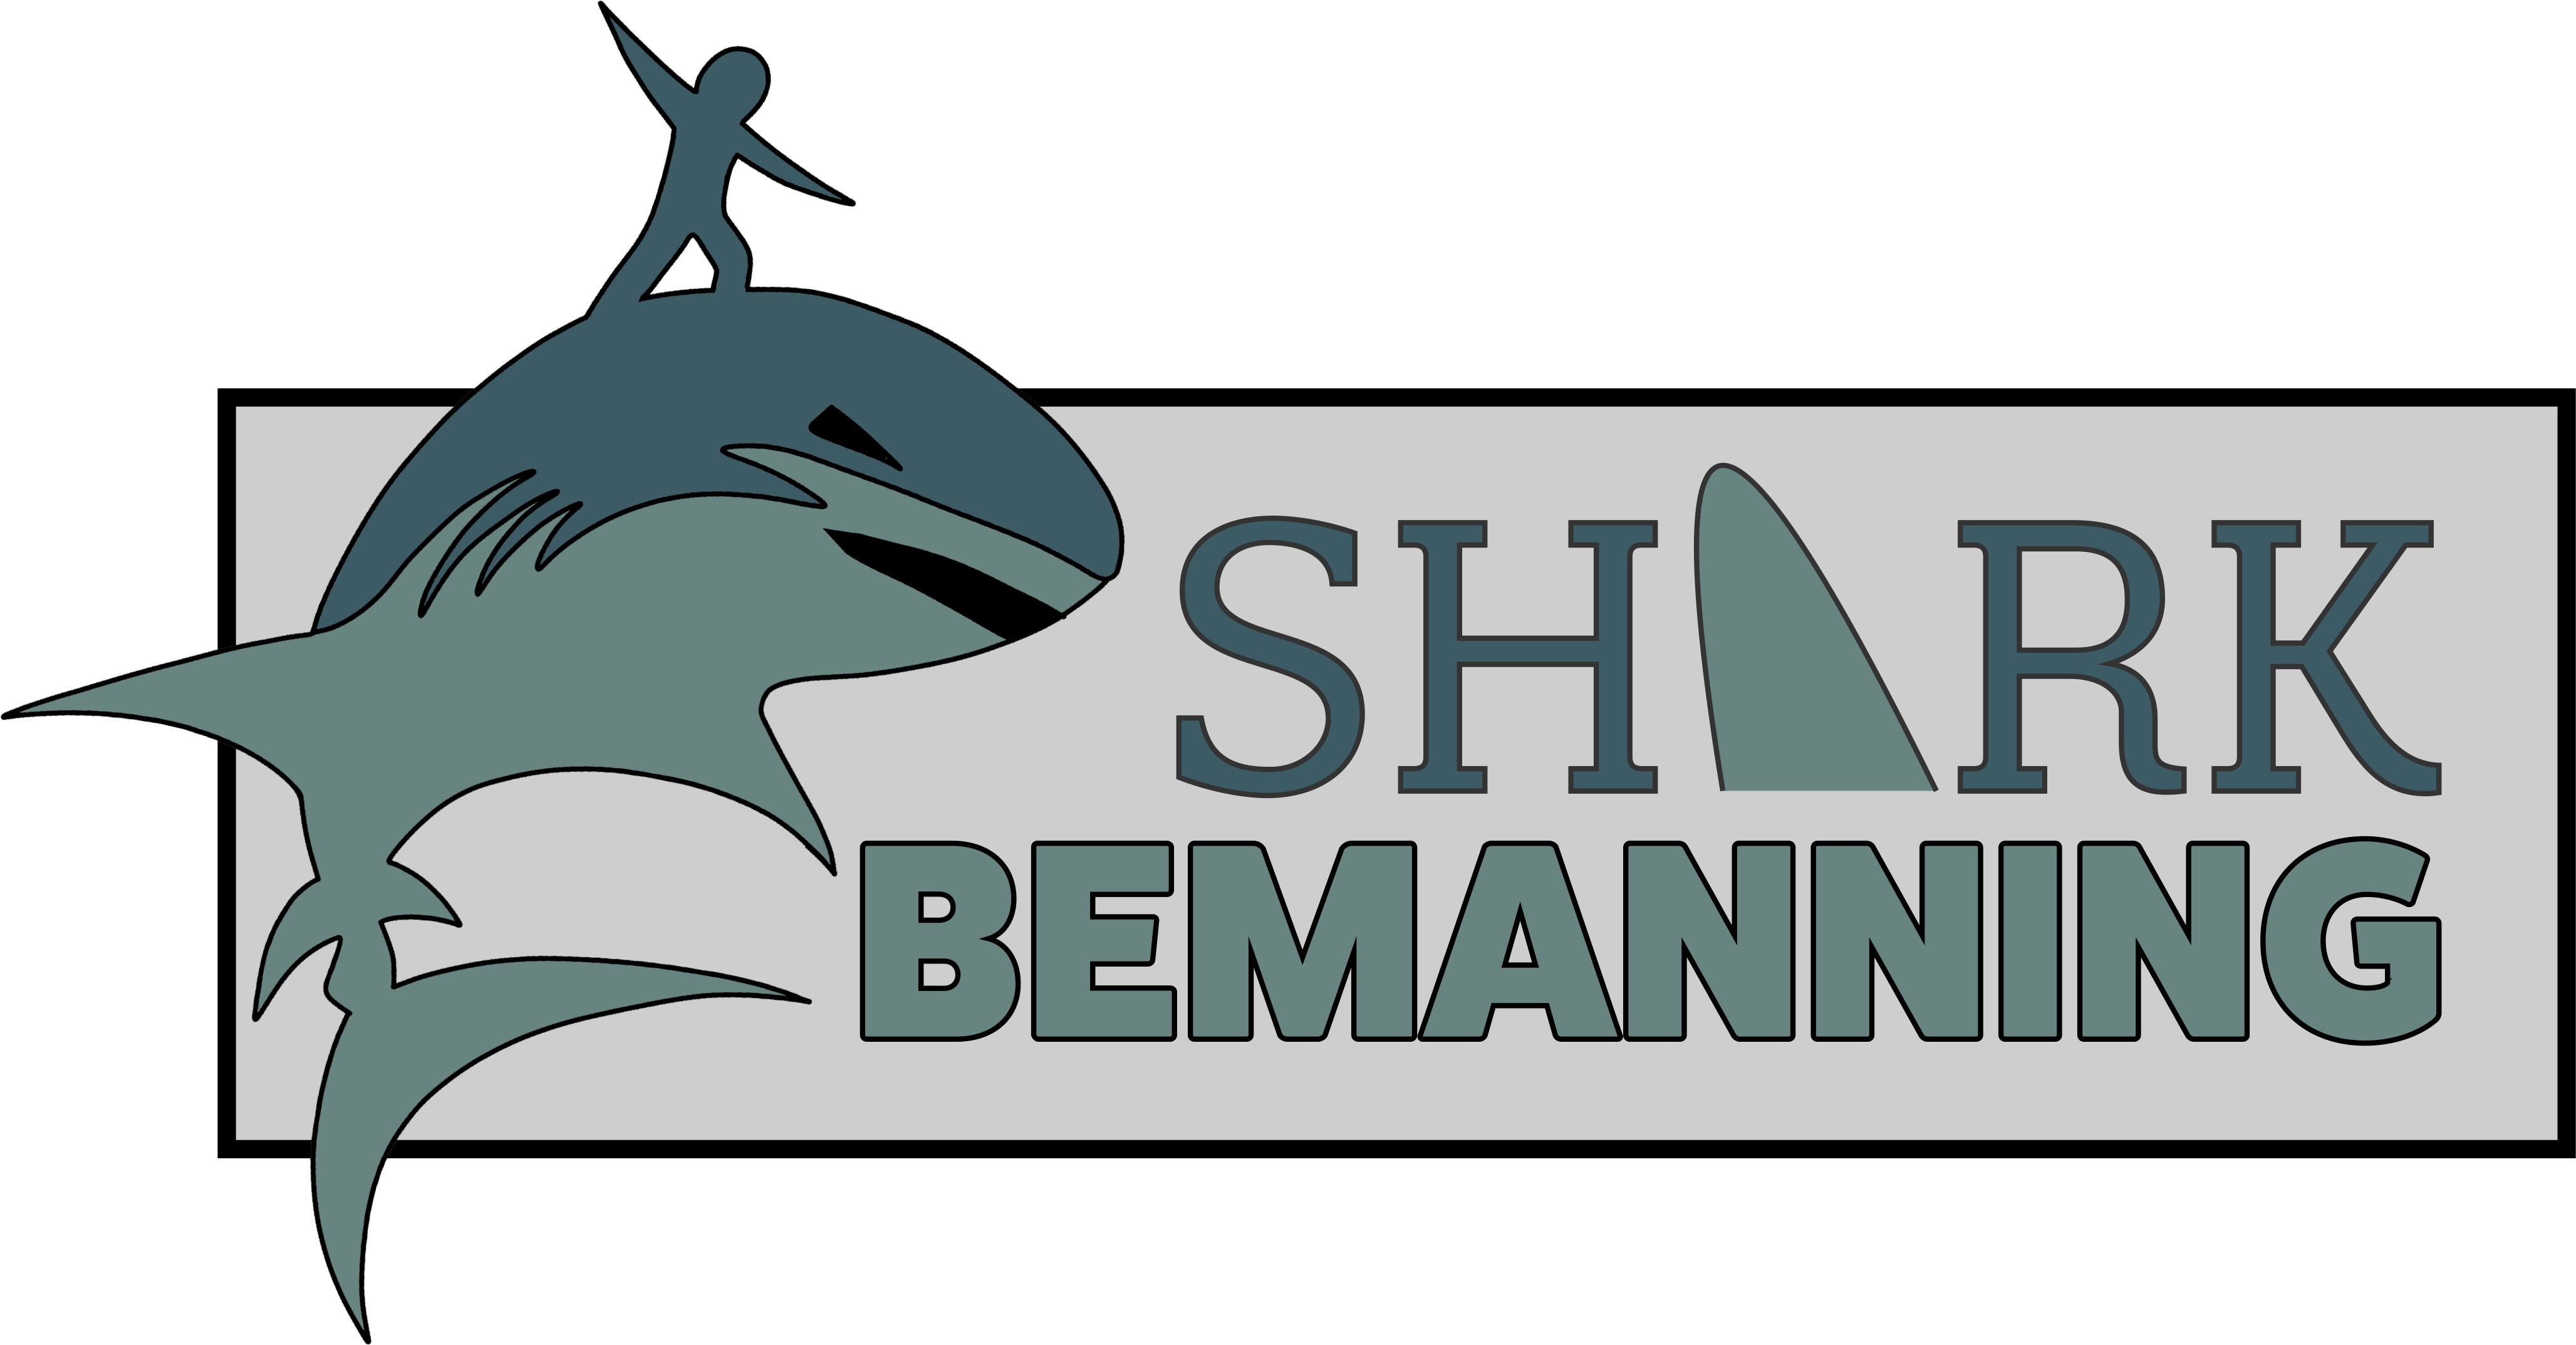 Shark Bemanning